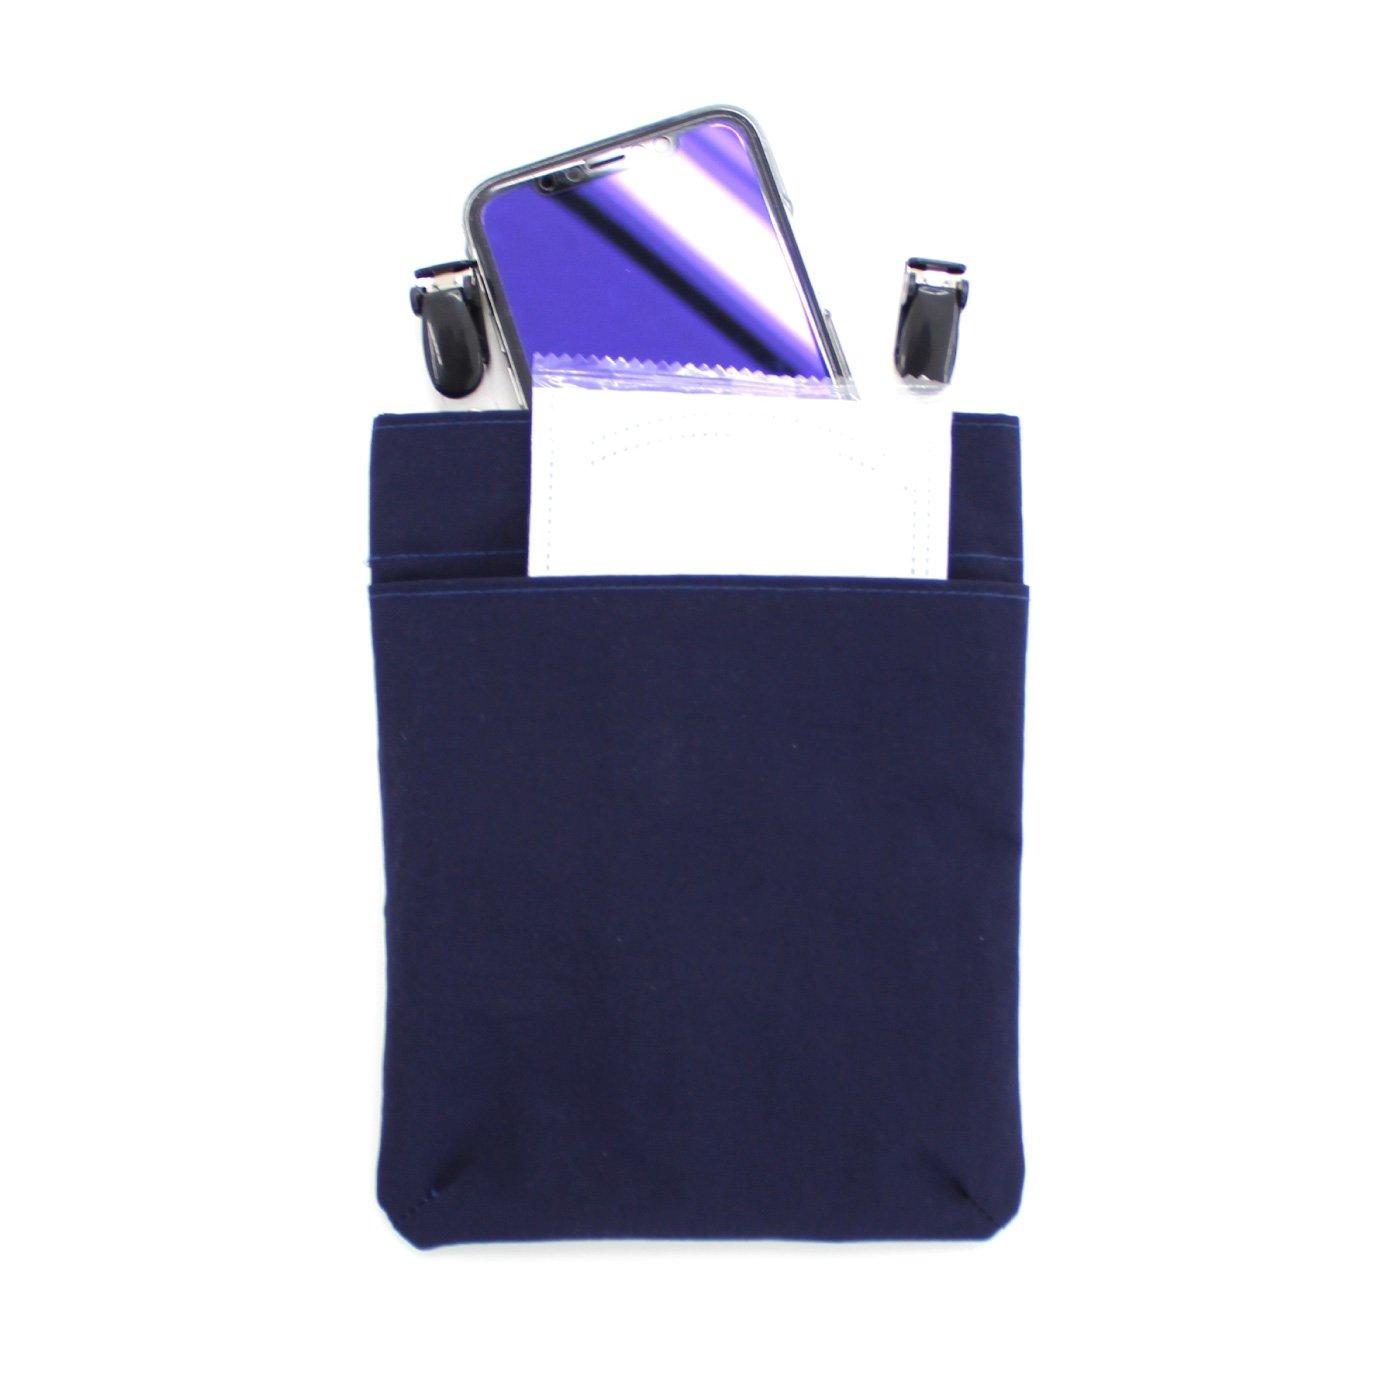 【WEB限定】IEDIT[イディット] バッグやボトムスのウエスト部分にクリップでパチンとつりさげればポケットになる マスクやスマホやハンカチなどが入れられるとっても便利なポーチ〈ネイビー〉